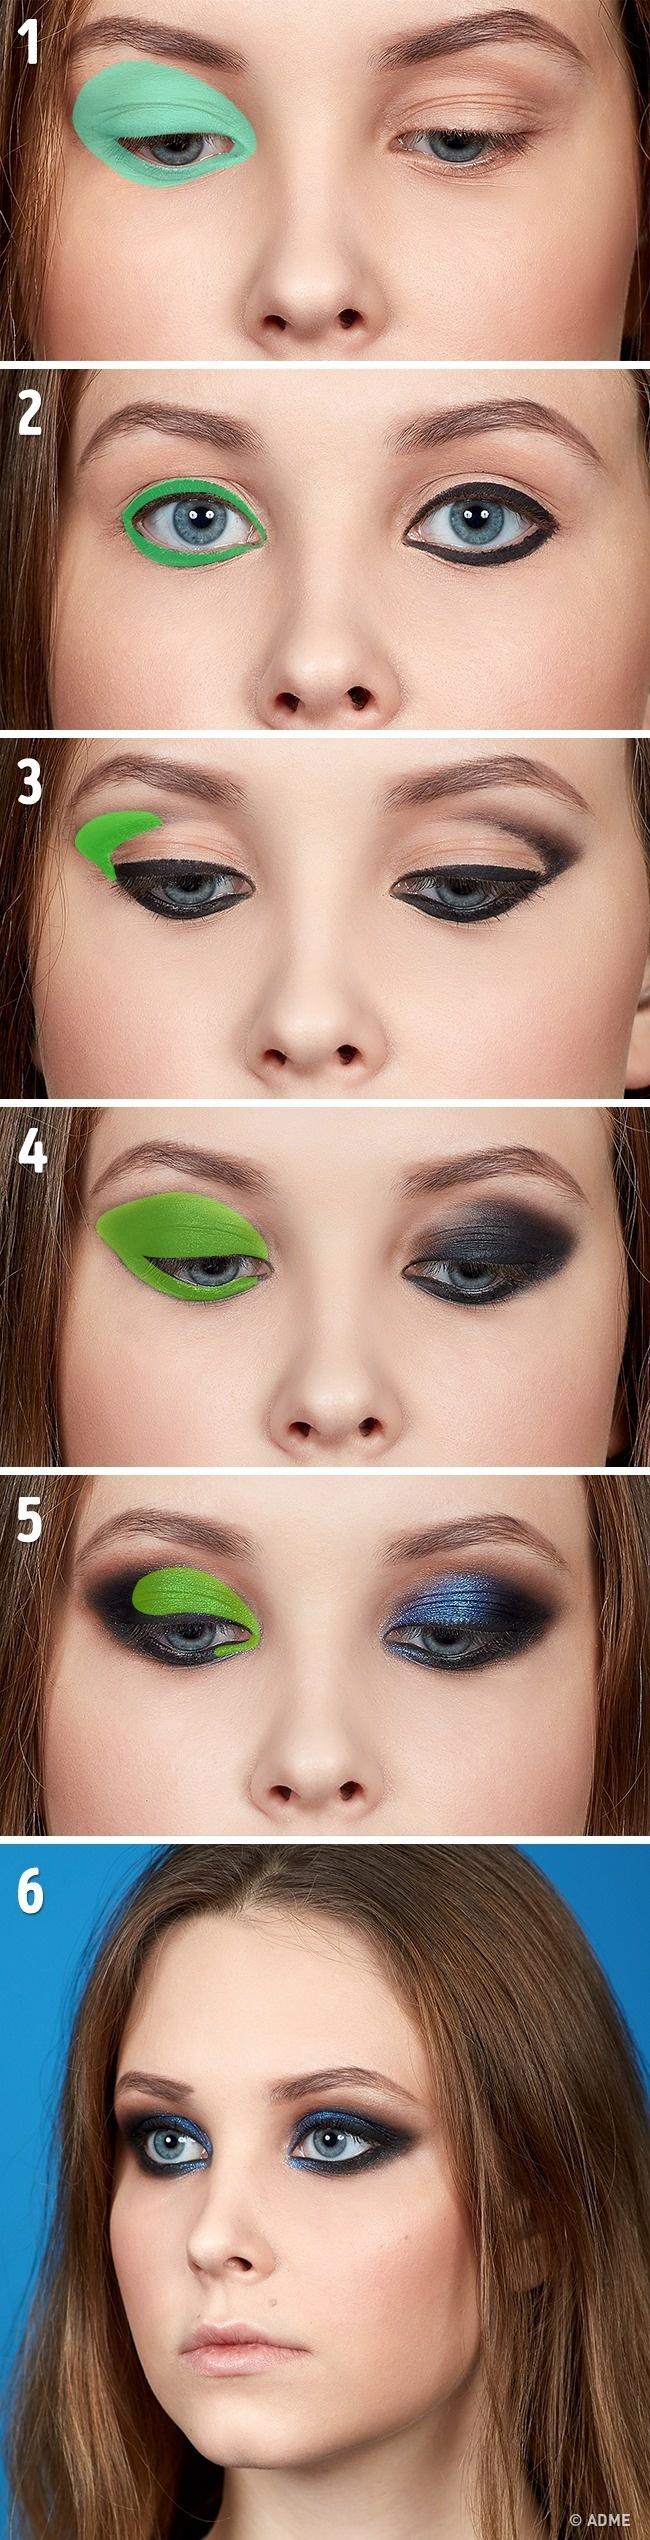 Так как основным принципом данной техники является создание эффекта «дымчатых» глаз, особое внимание